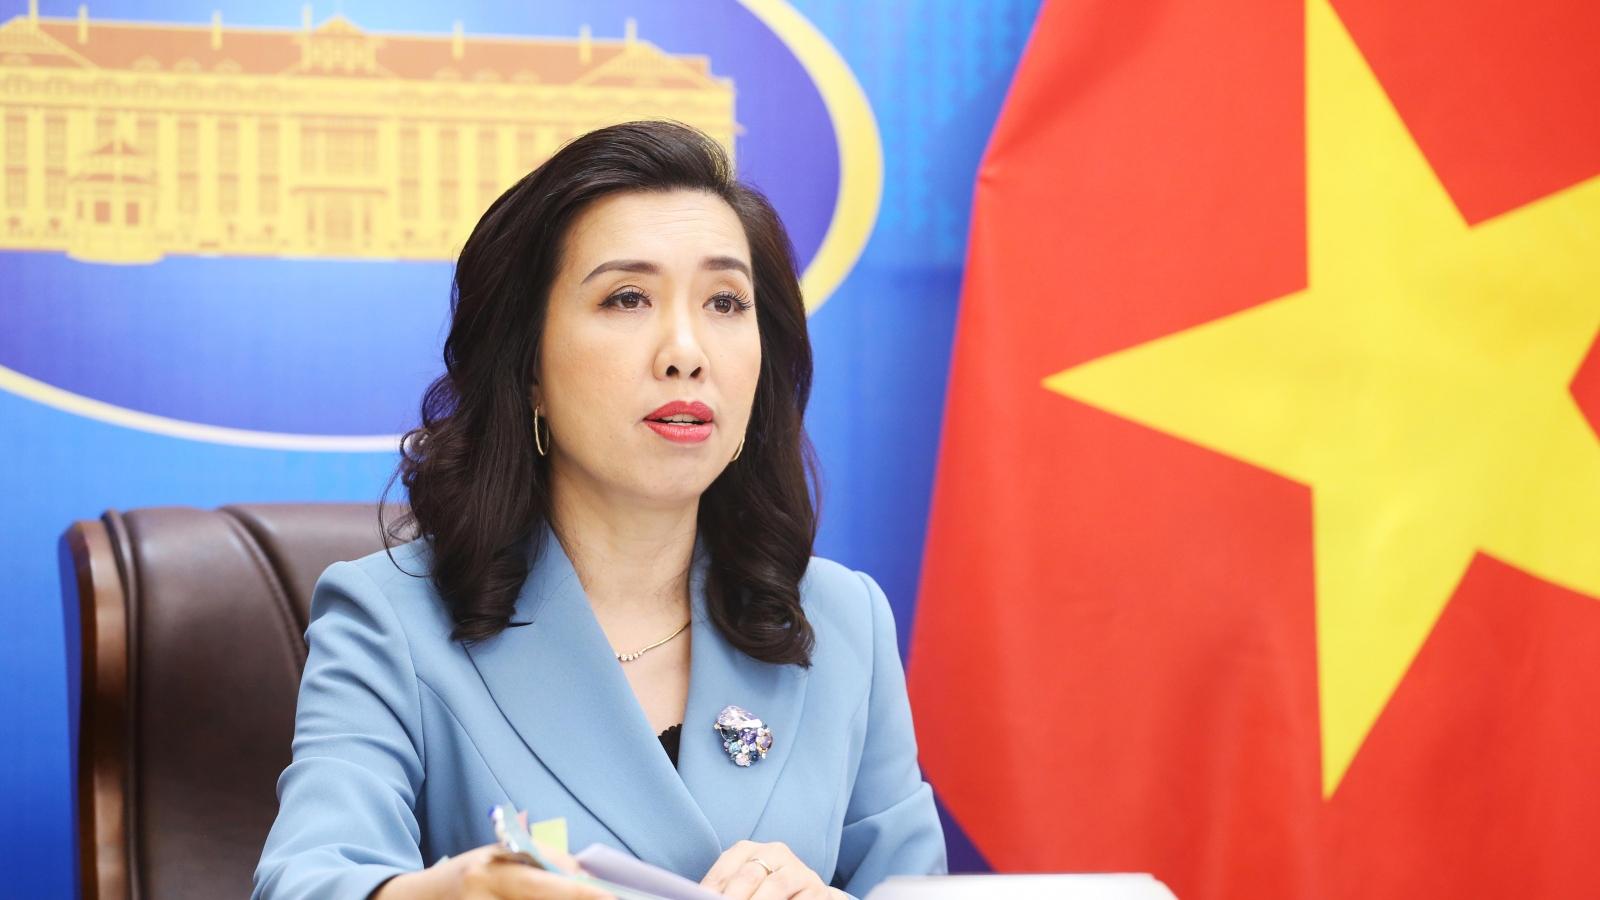 Yêu cầu Trung Quốc tôn trọng chủ quyền của Việt Nam đối với Hoàng Sa